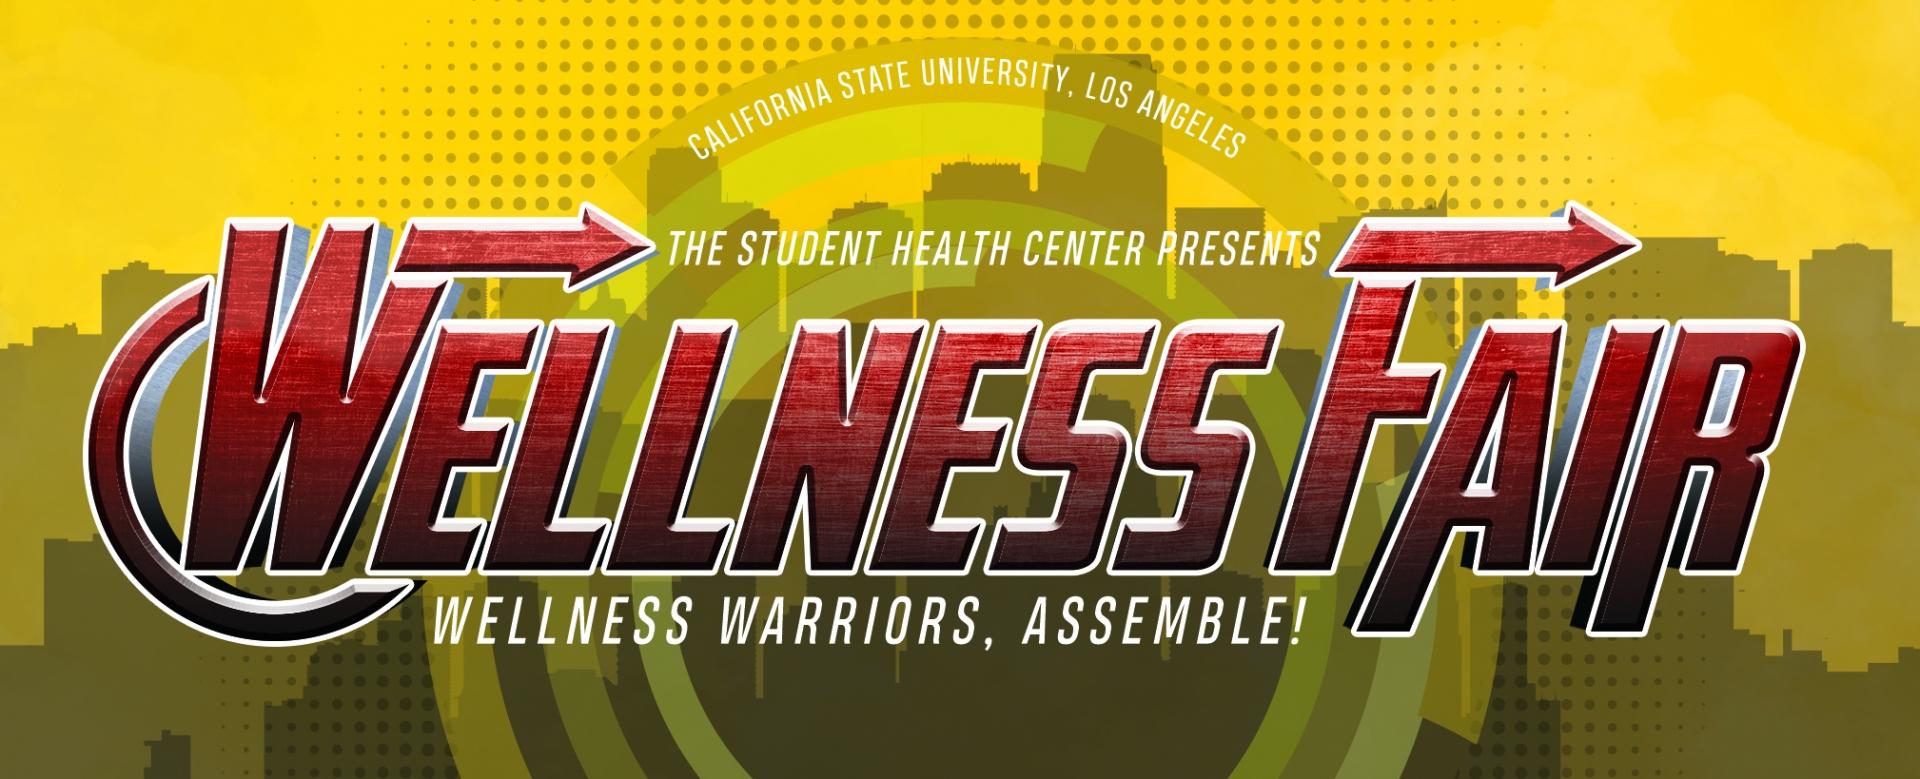 Annual Health and Wellness Fair   Associated Students Inc